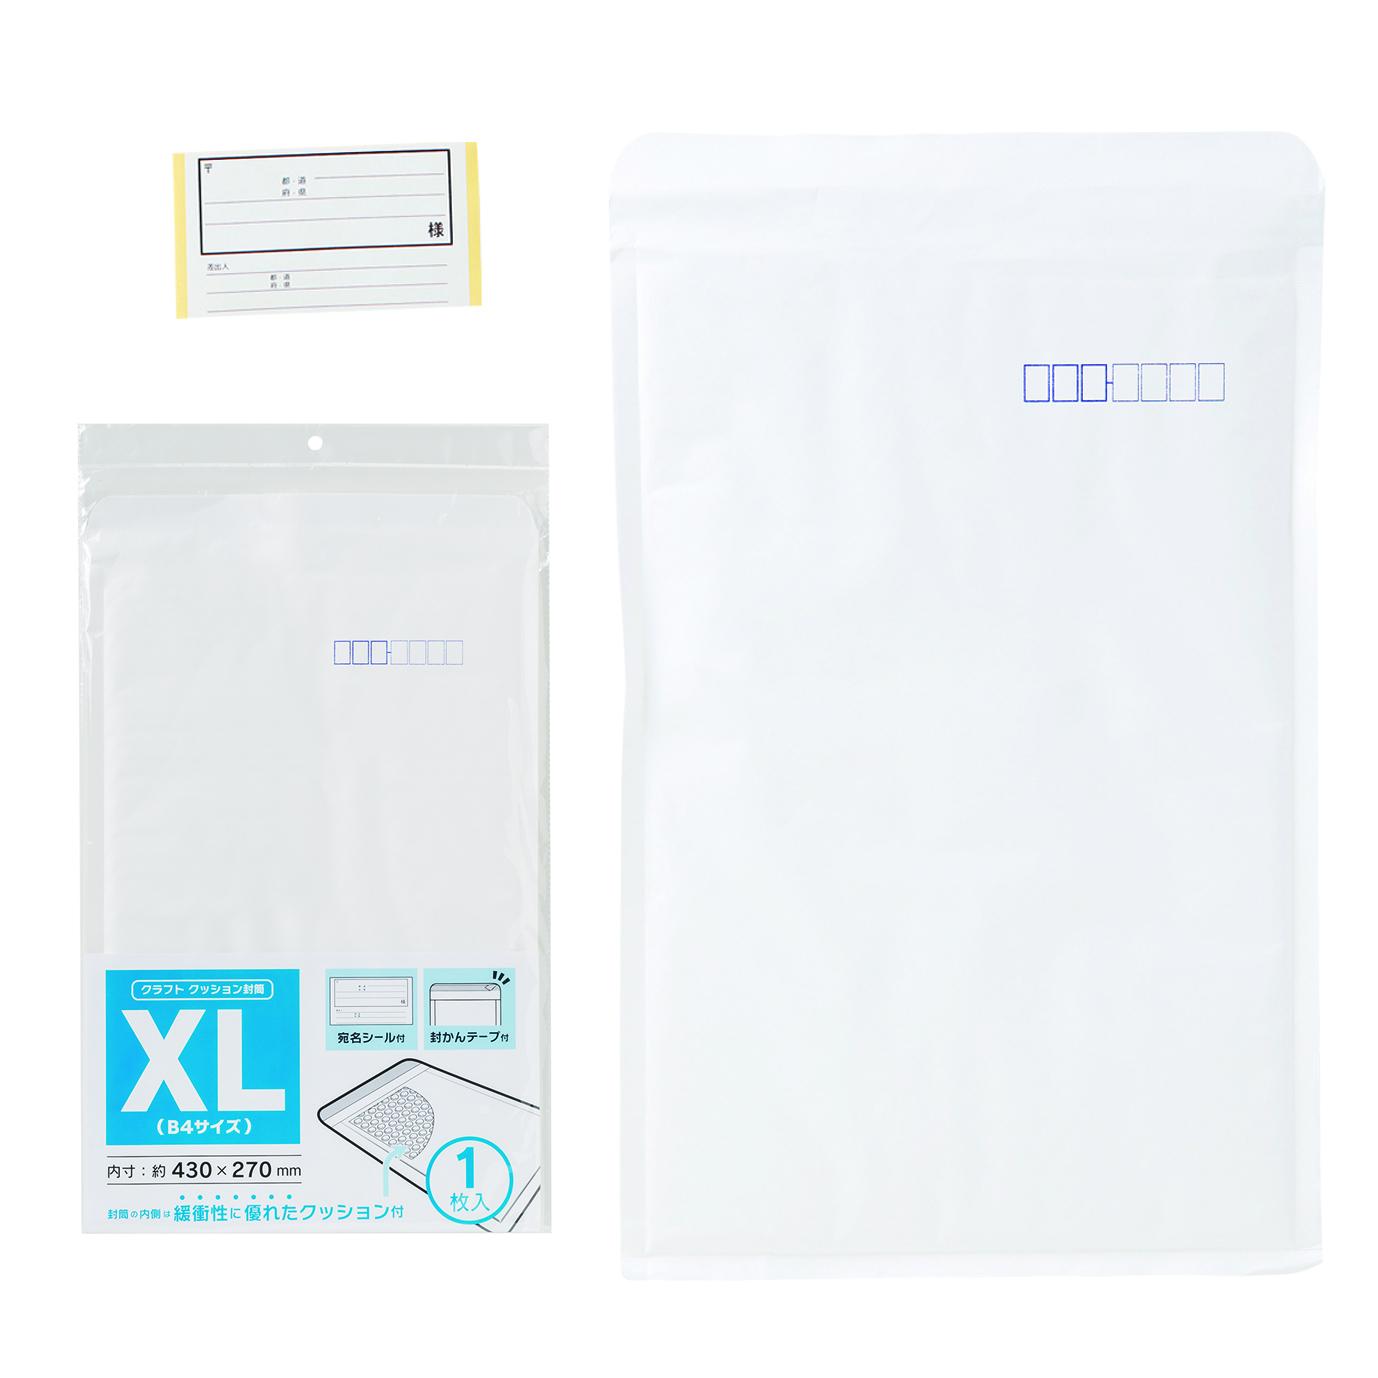 クラフトクッション封筒XL 宛名シール付